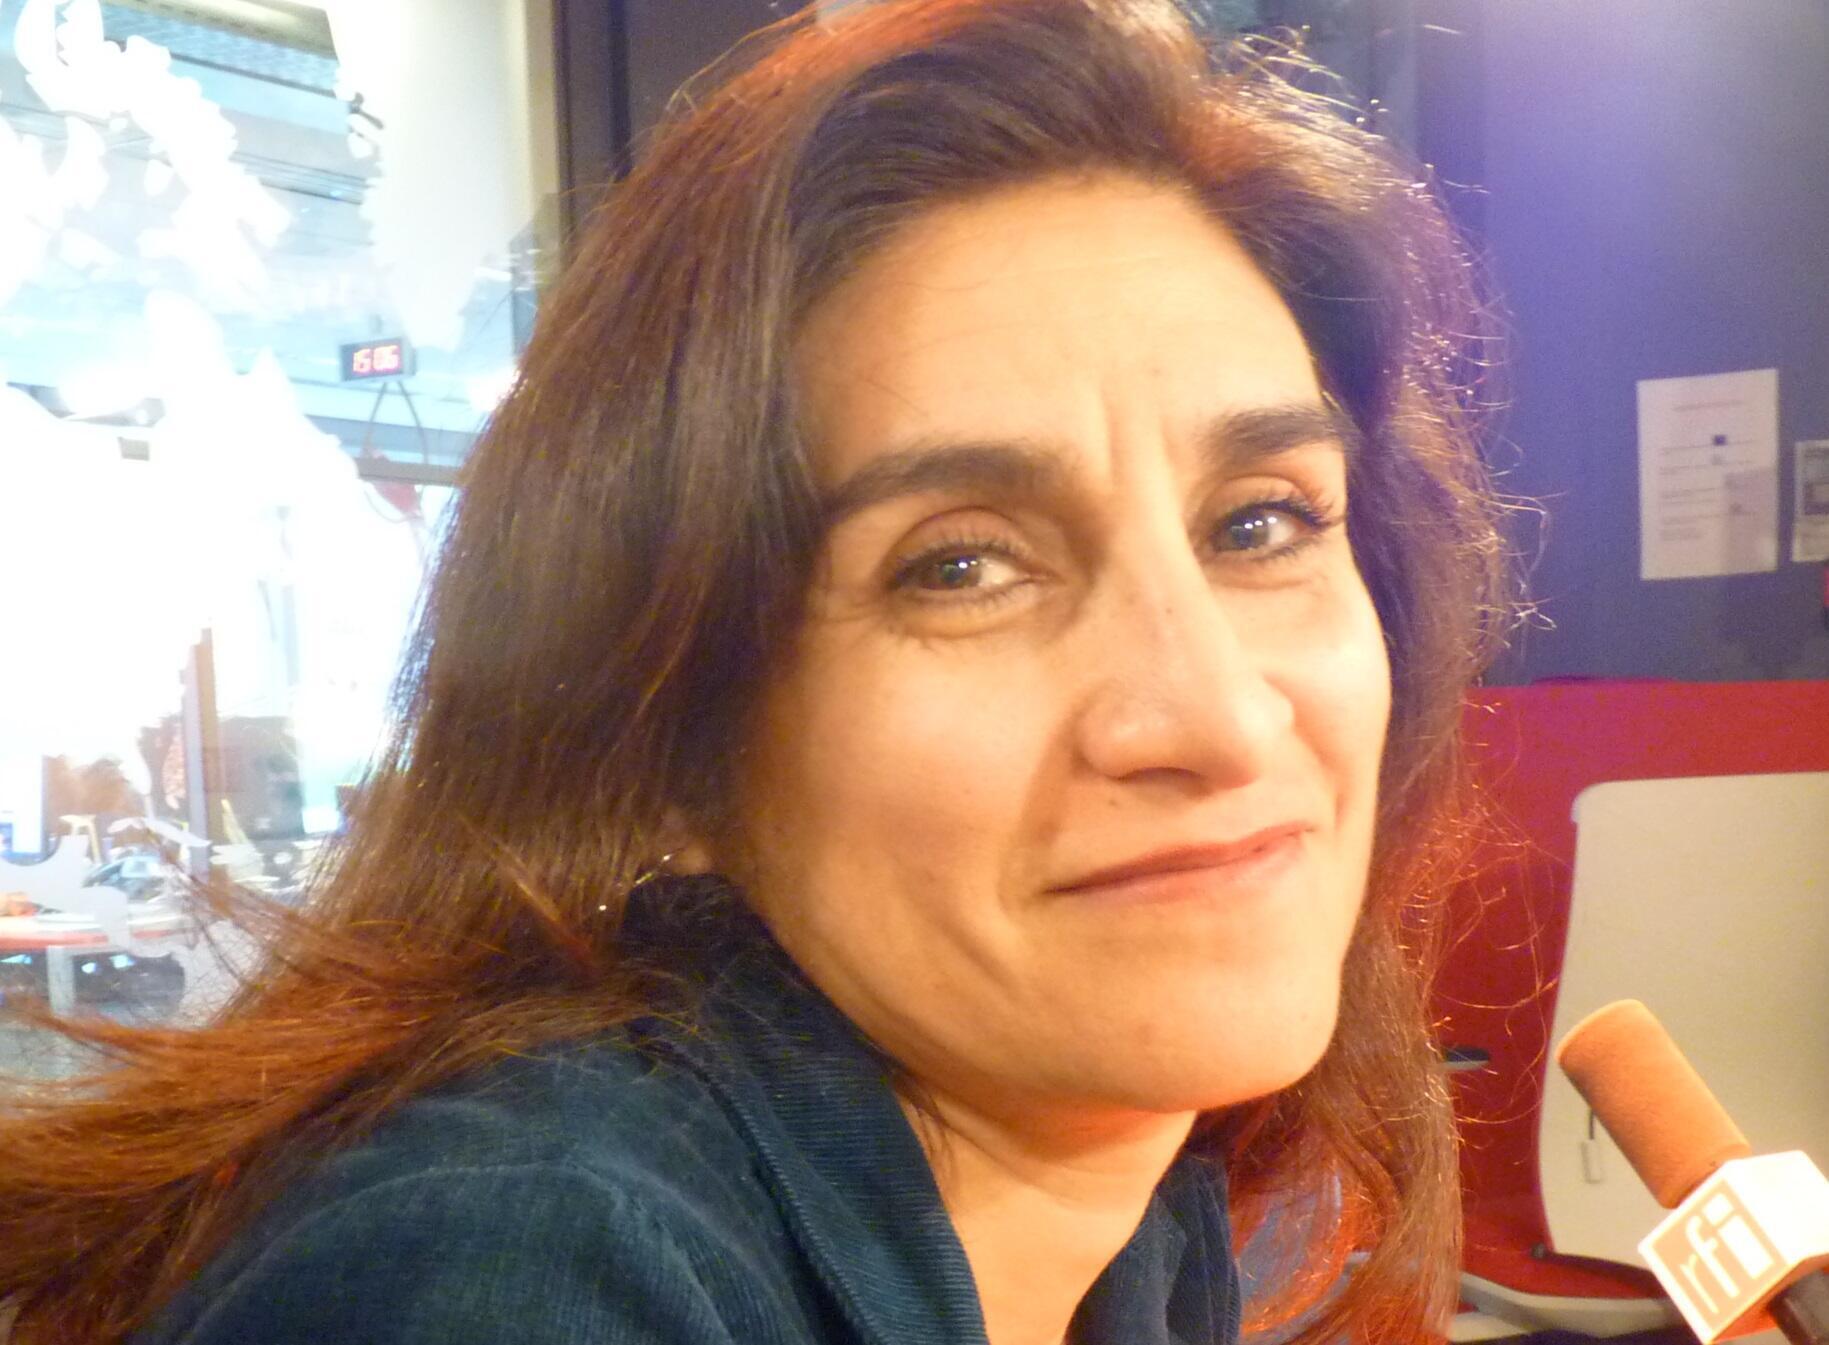 La artista franco-mexicana Daniela Prost en los estudios de RFI en París.